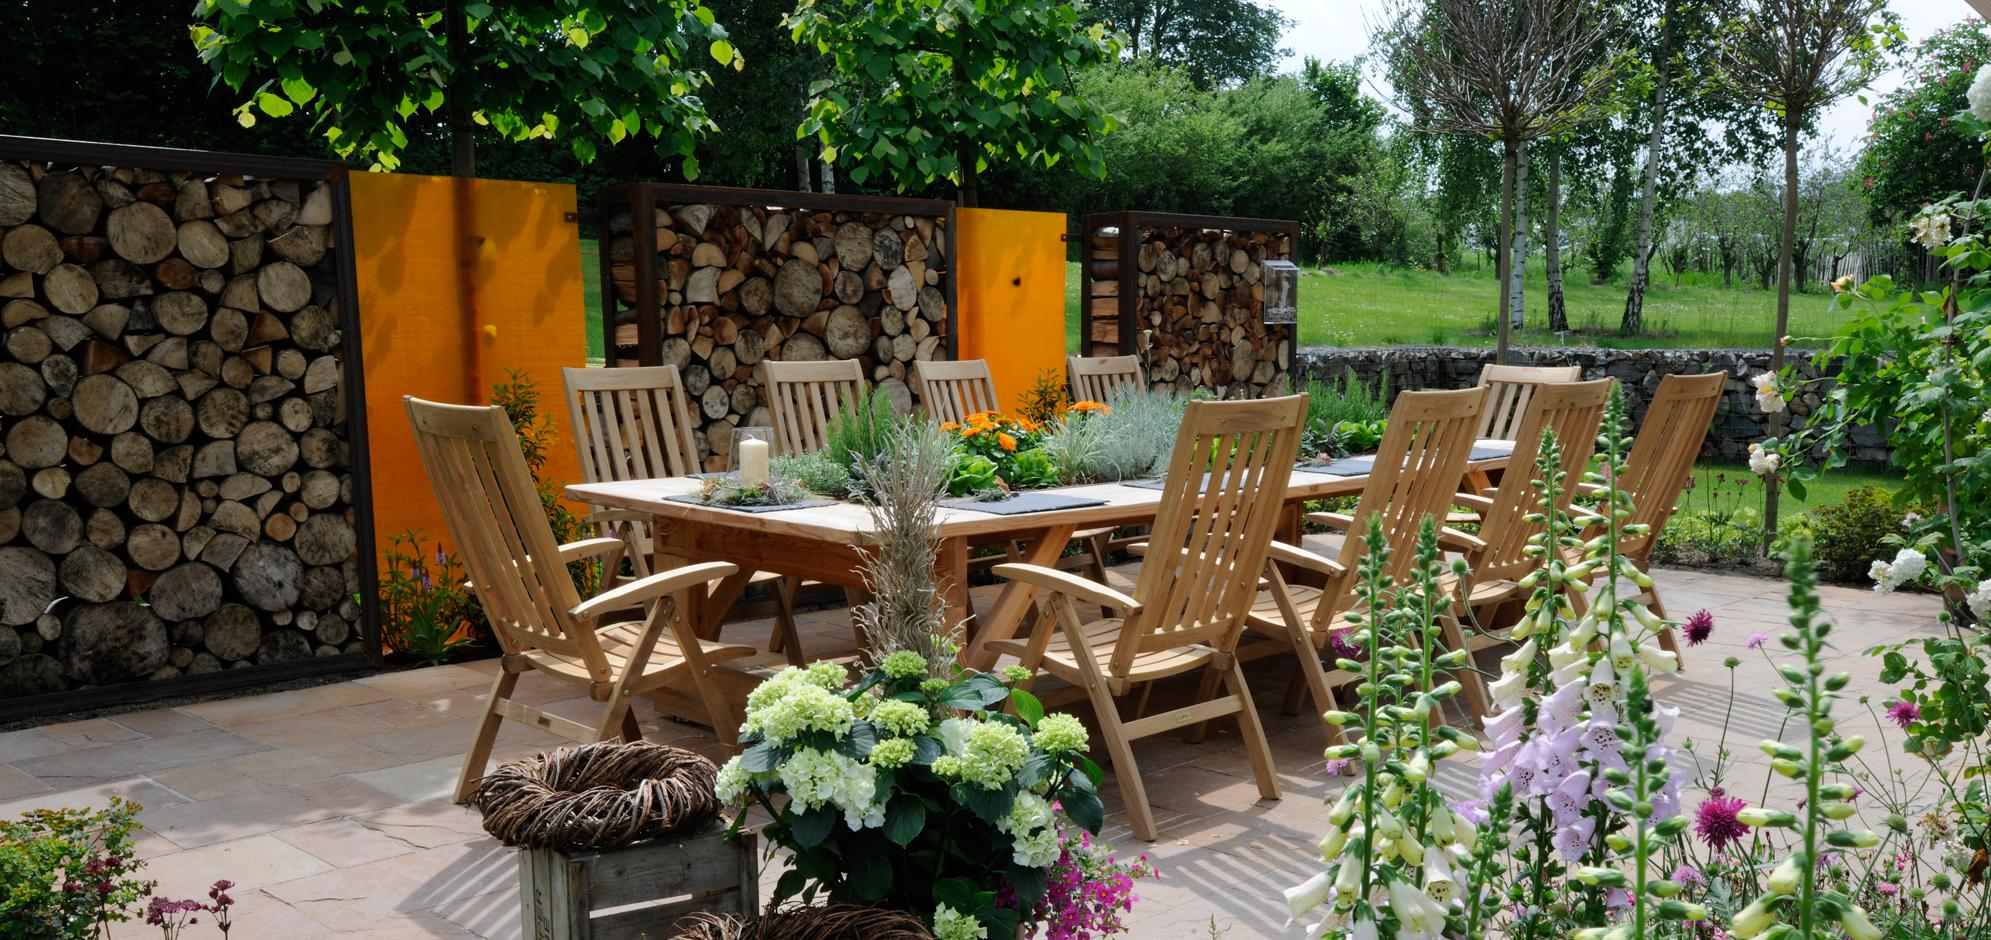 Wie möchten Sie im Garten leben?